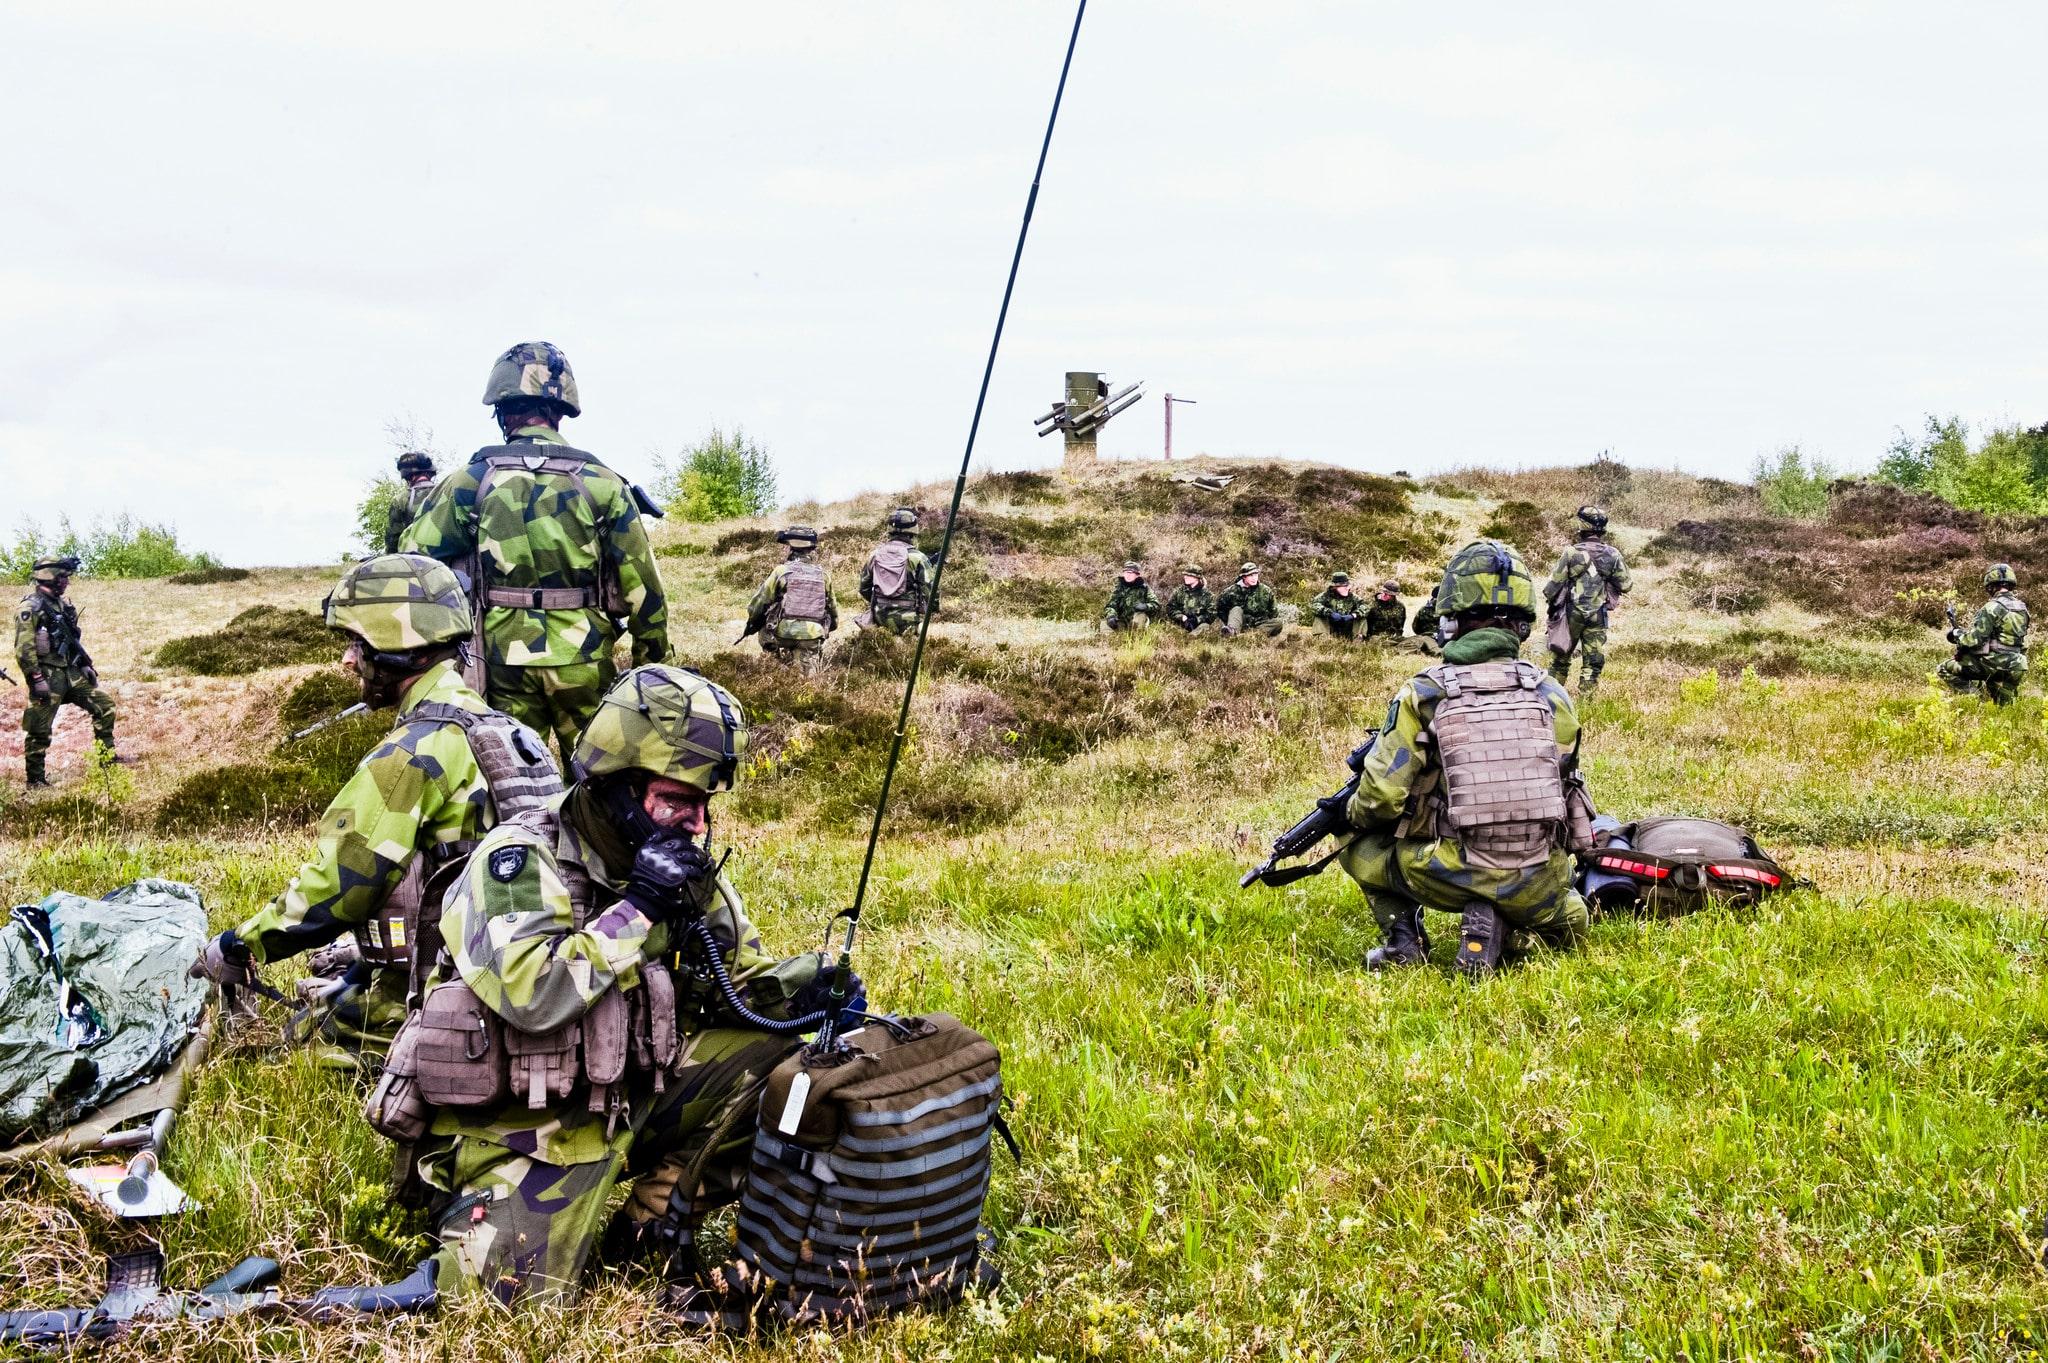 Foto: Jimmy Croona/Försvarsmakten